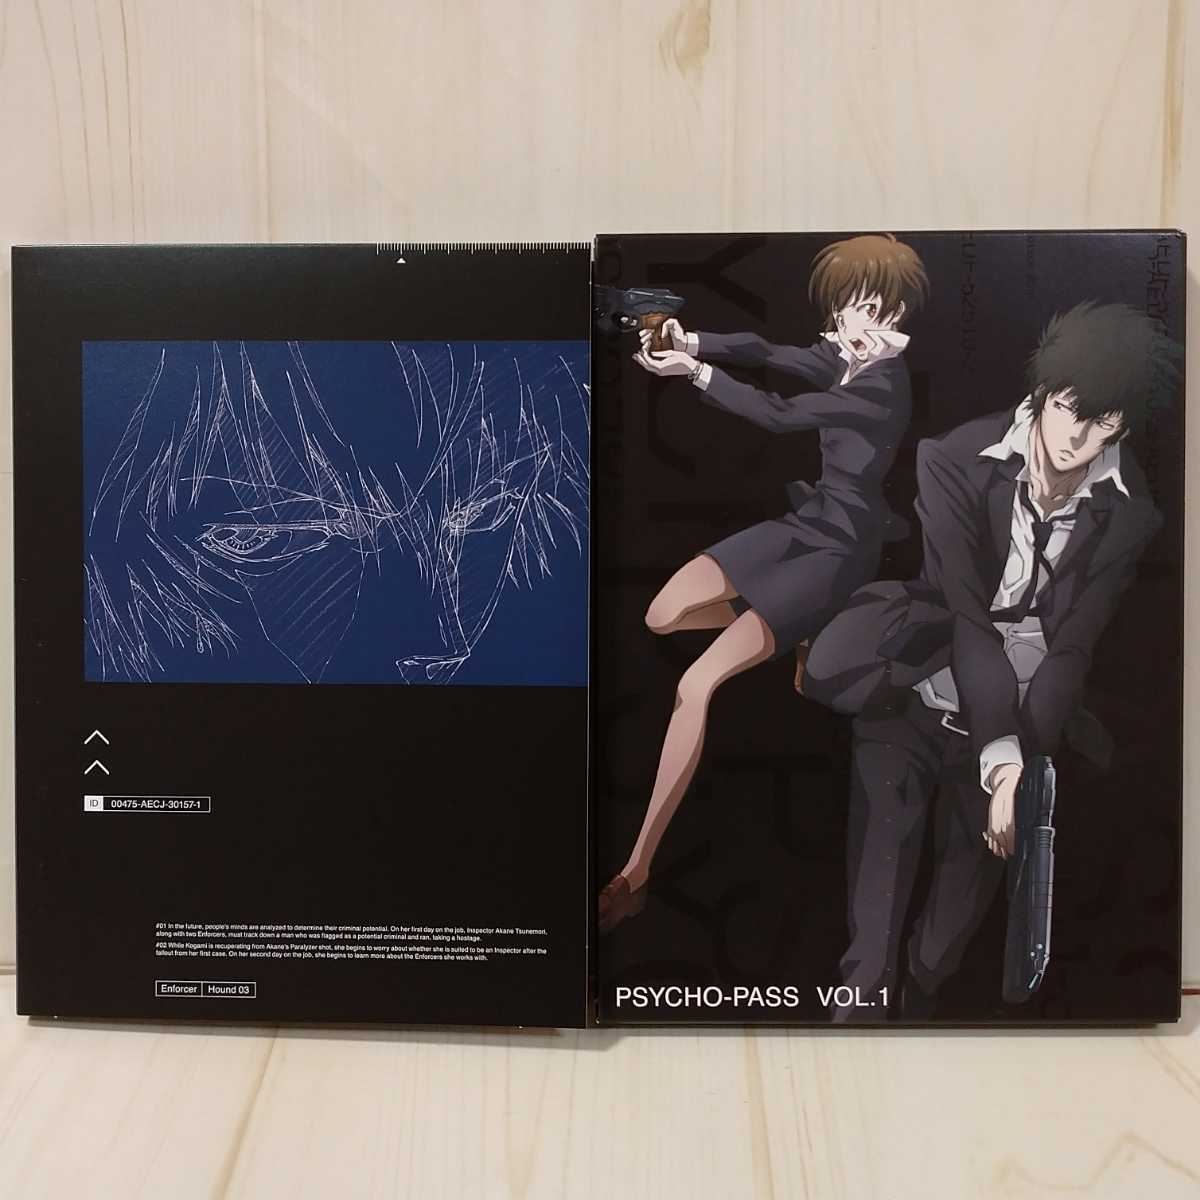 【DVD】アニメ「PSYCHO-PASS VOL.1」 1期 1,2話 初回限定 特典シナリオブック付き 深見真